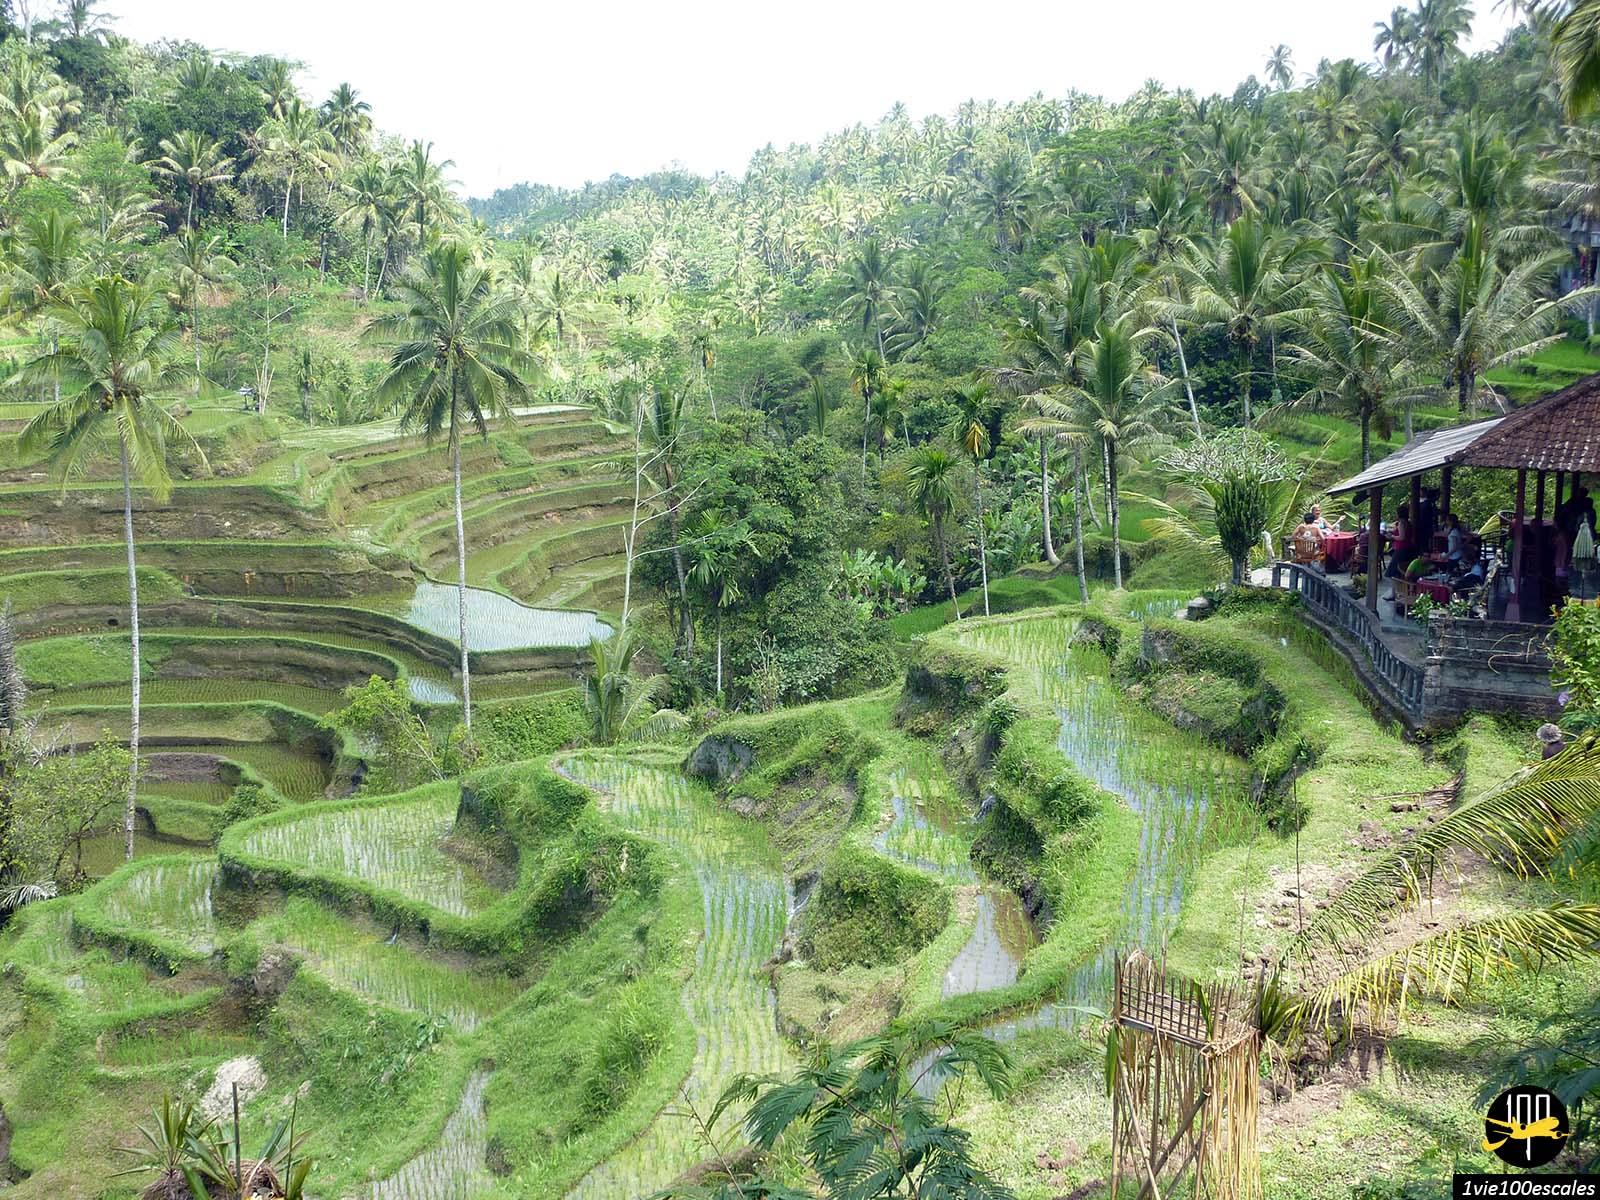 Escale #034 Bali